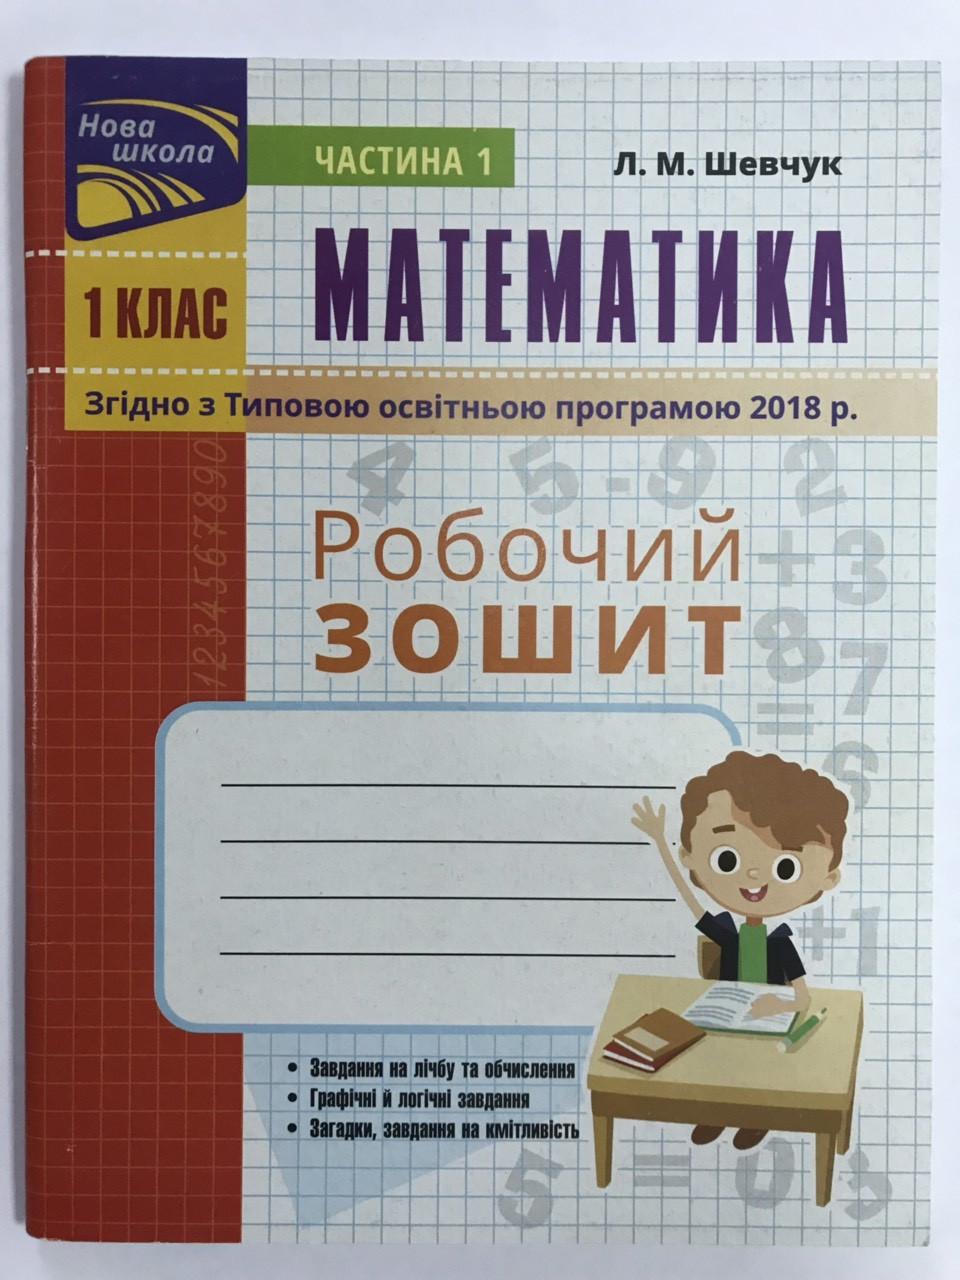 Робочий зошит Математика Л.М. Шевчук за новою програмою 1 клас частина 1